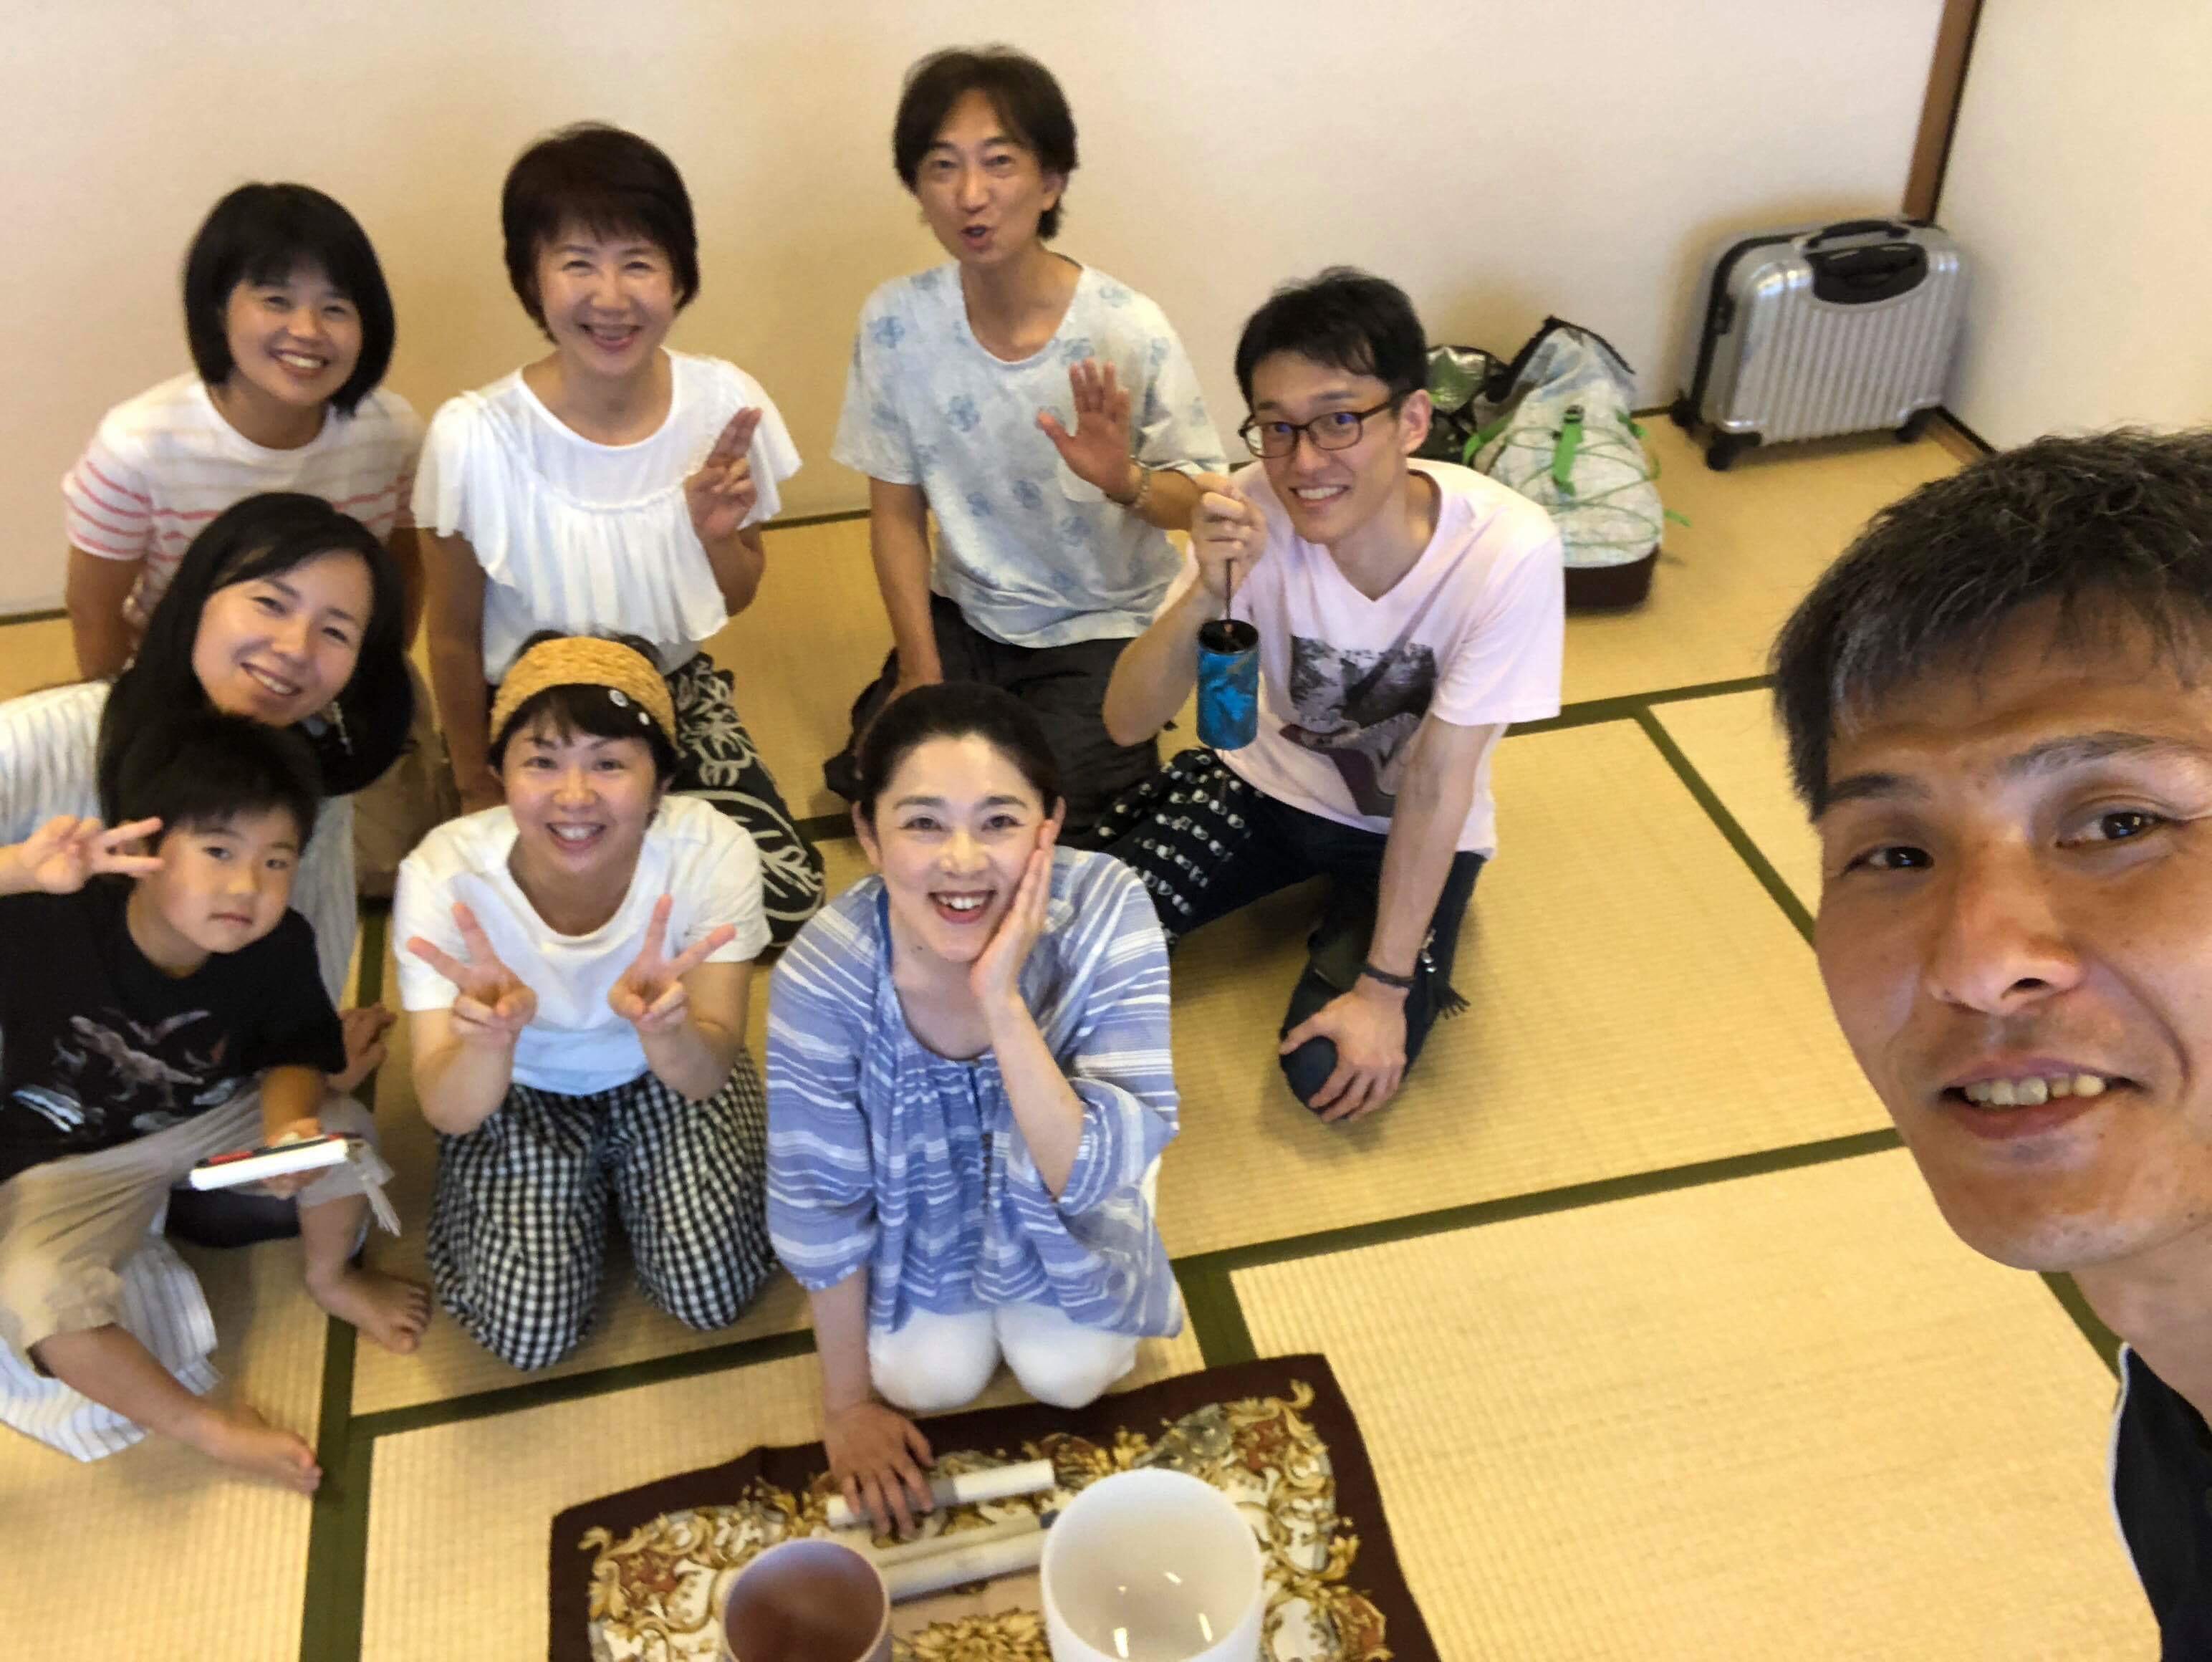 『ぽーりんぐ&クリスタルボウルの組み合わせは最高』ご感想 7月 枚方市牧野